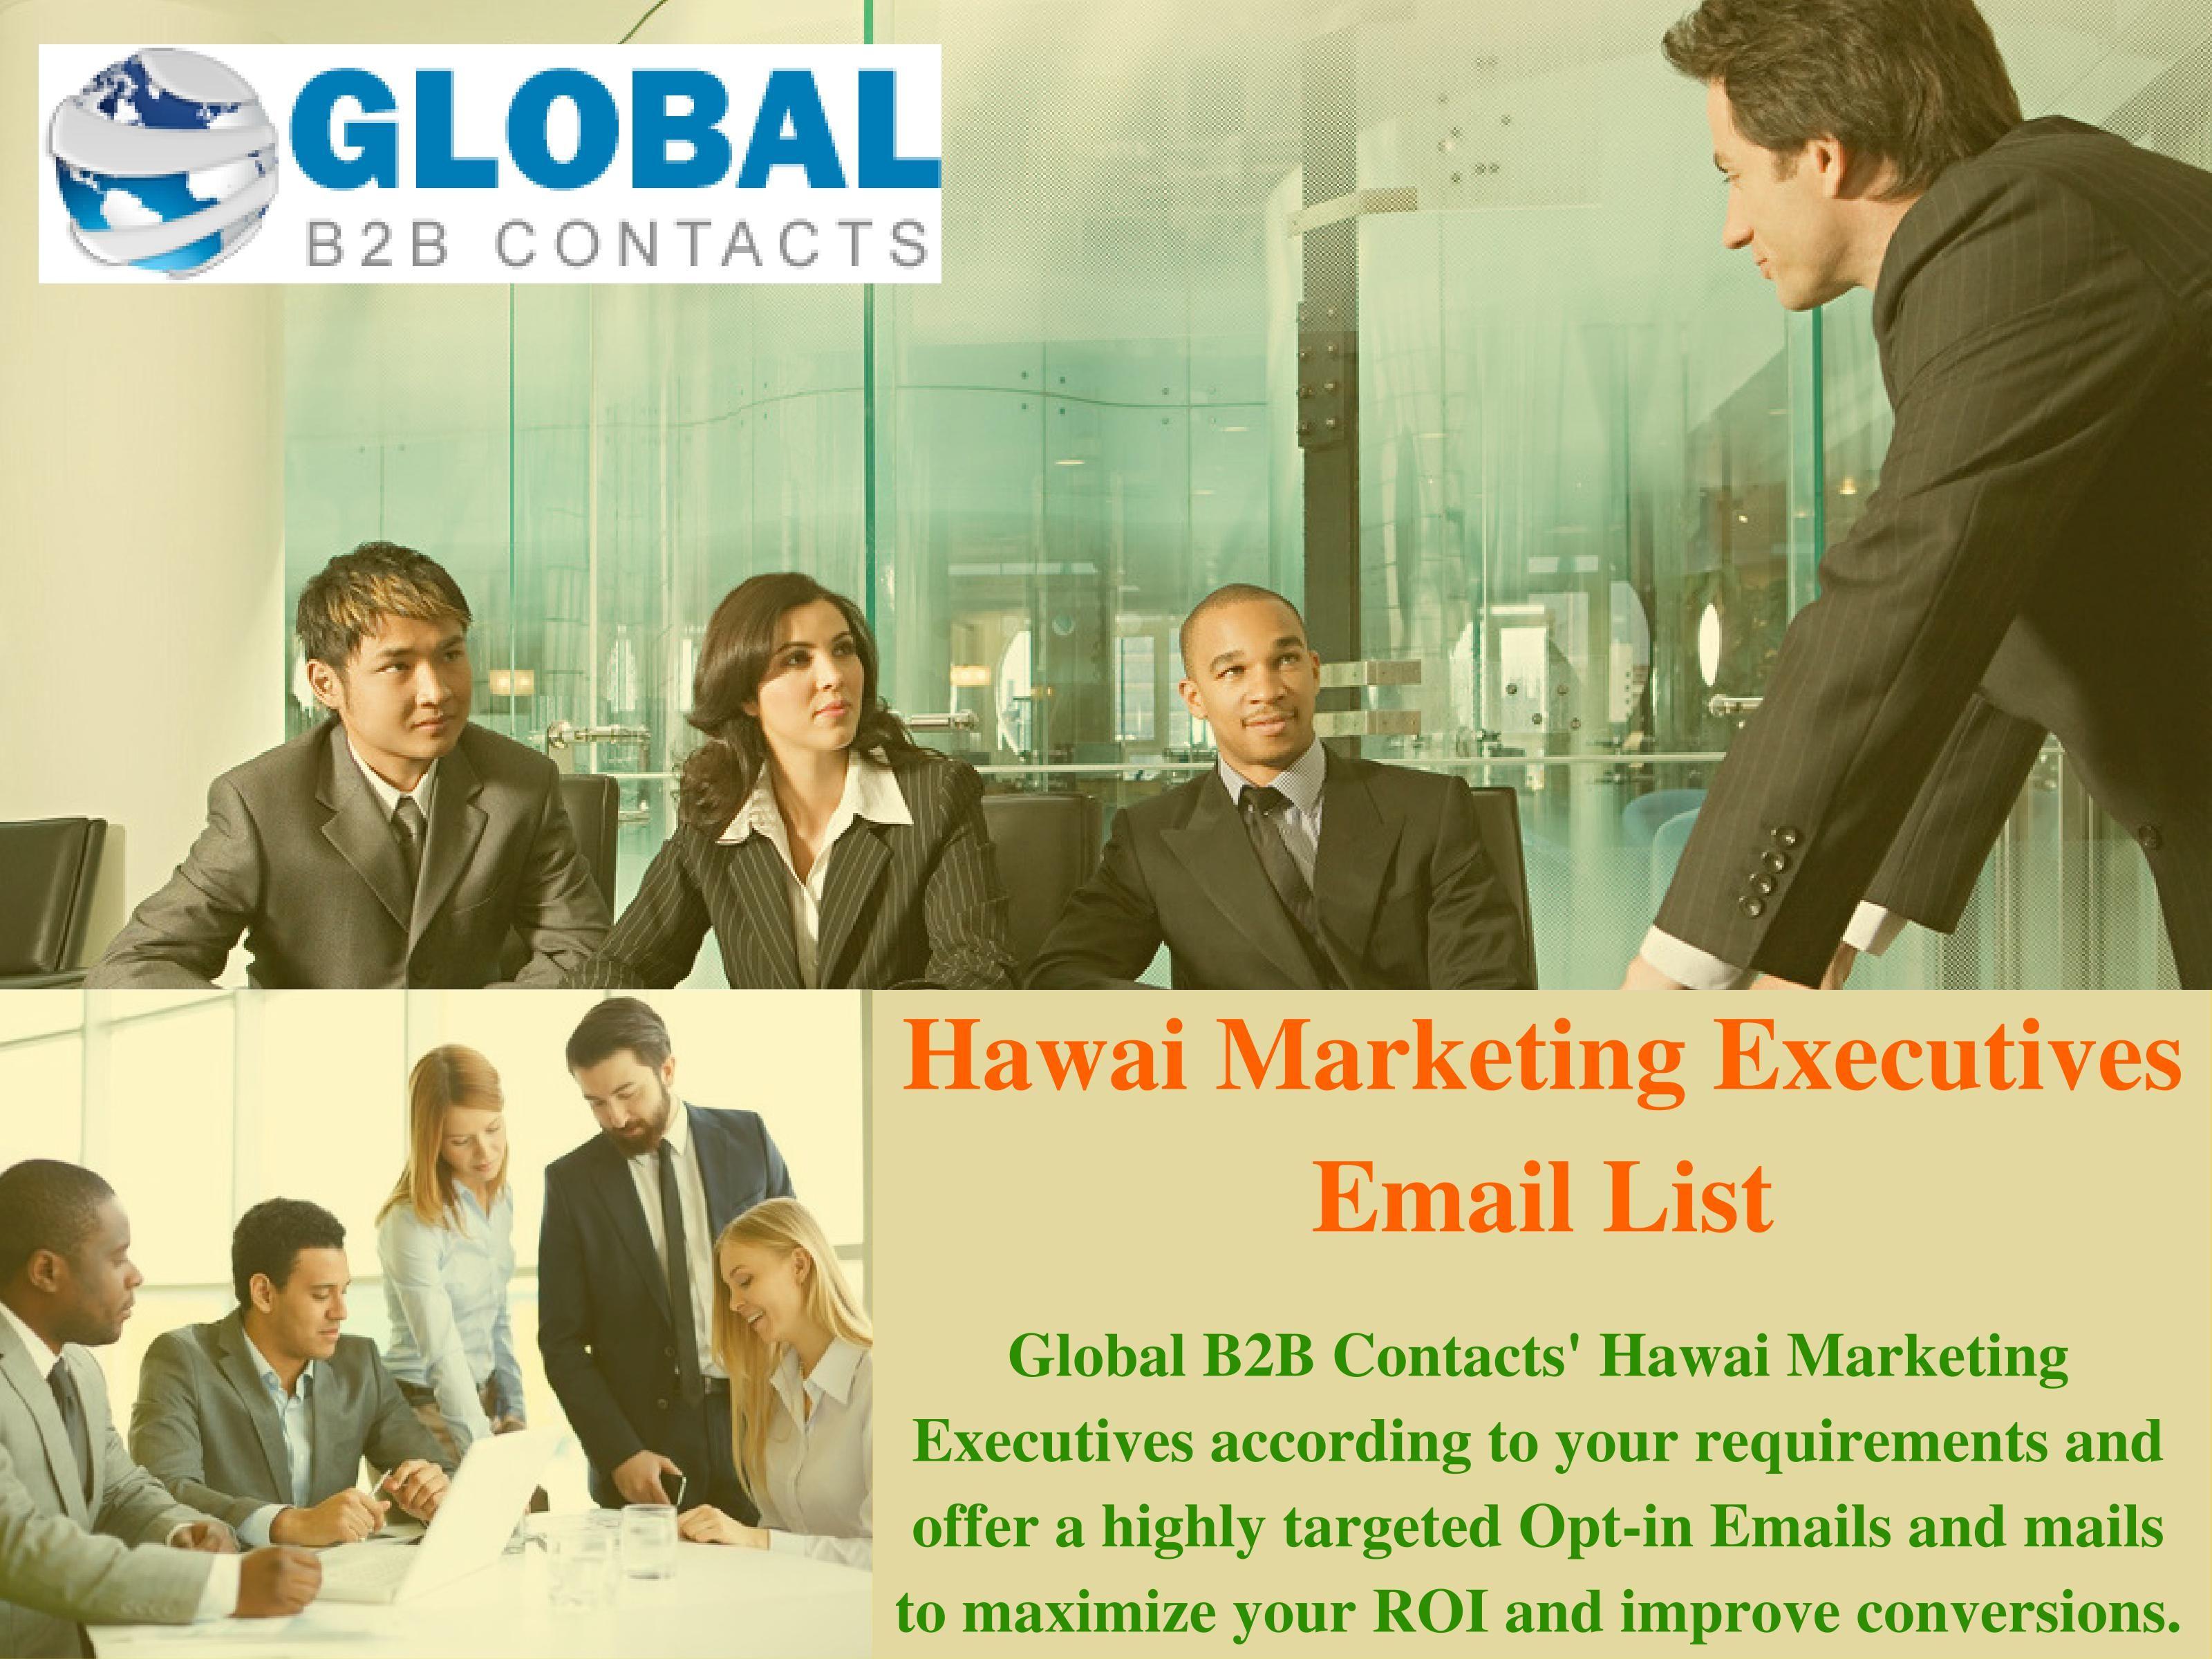 Global b2b contacts hawai marketing executives according